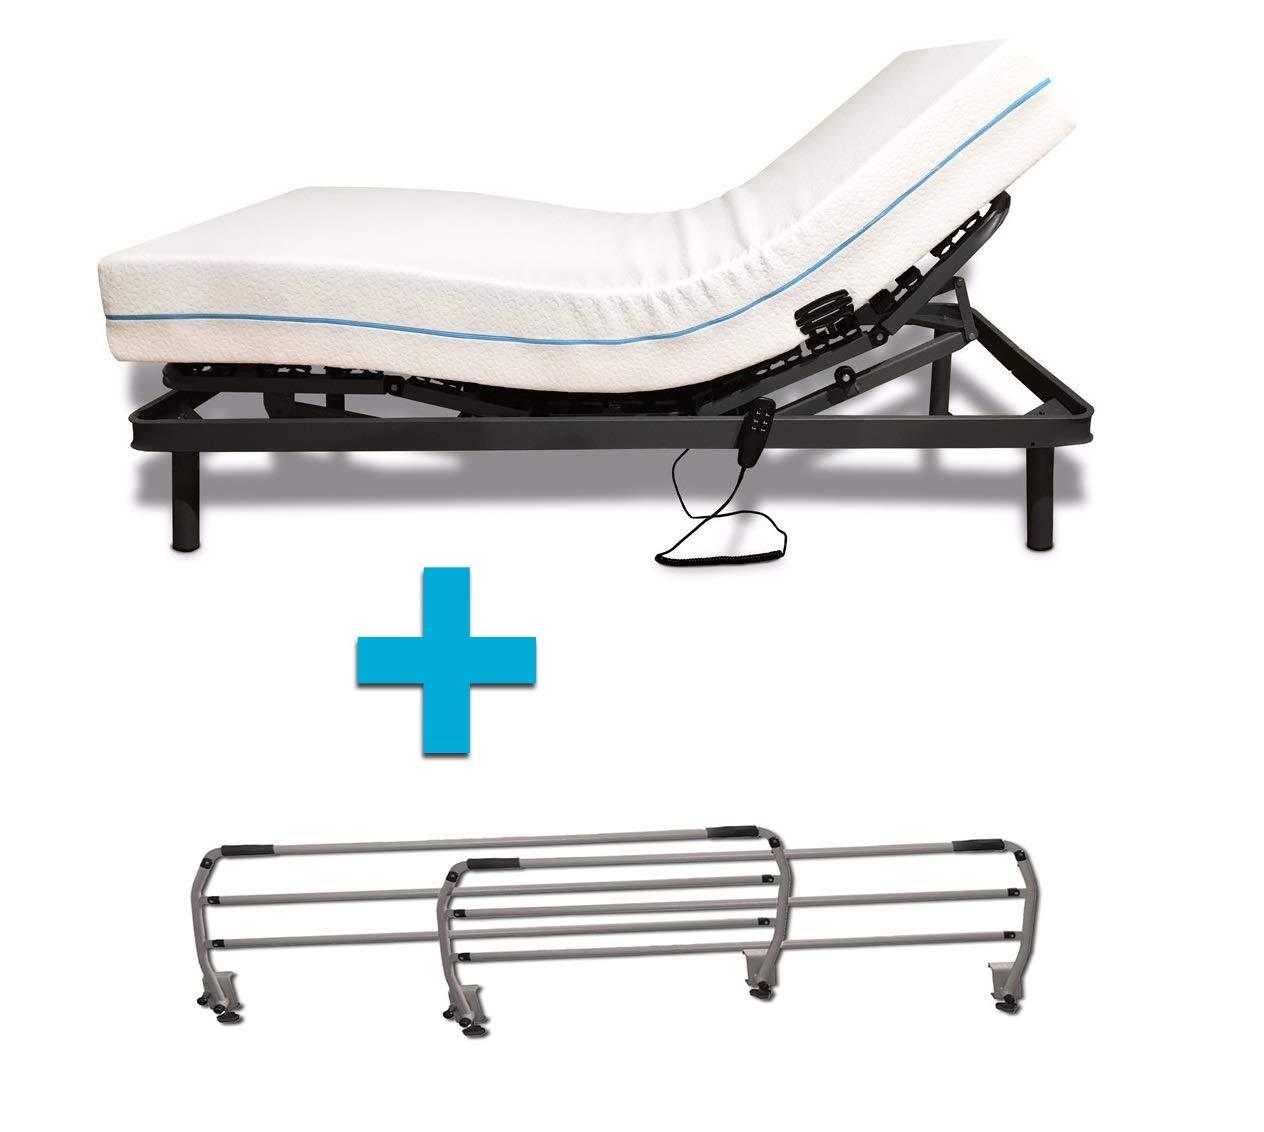 Duermete Cama Eléctrica Articulada Reforzada 5 Planos + Colchón Dorsal Viscoelástico + Juego Barandillas Abatibles, 90 X 190: Amazon.es: Juguetes y juegos